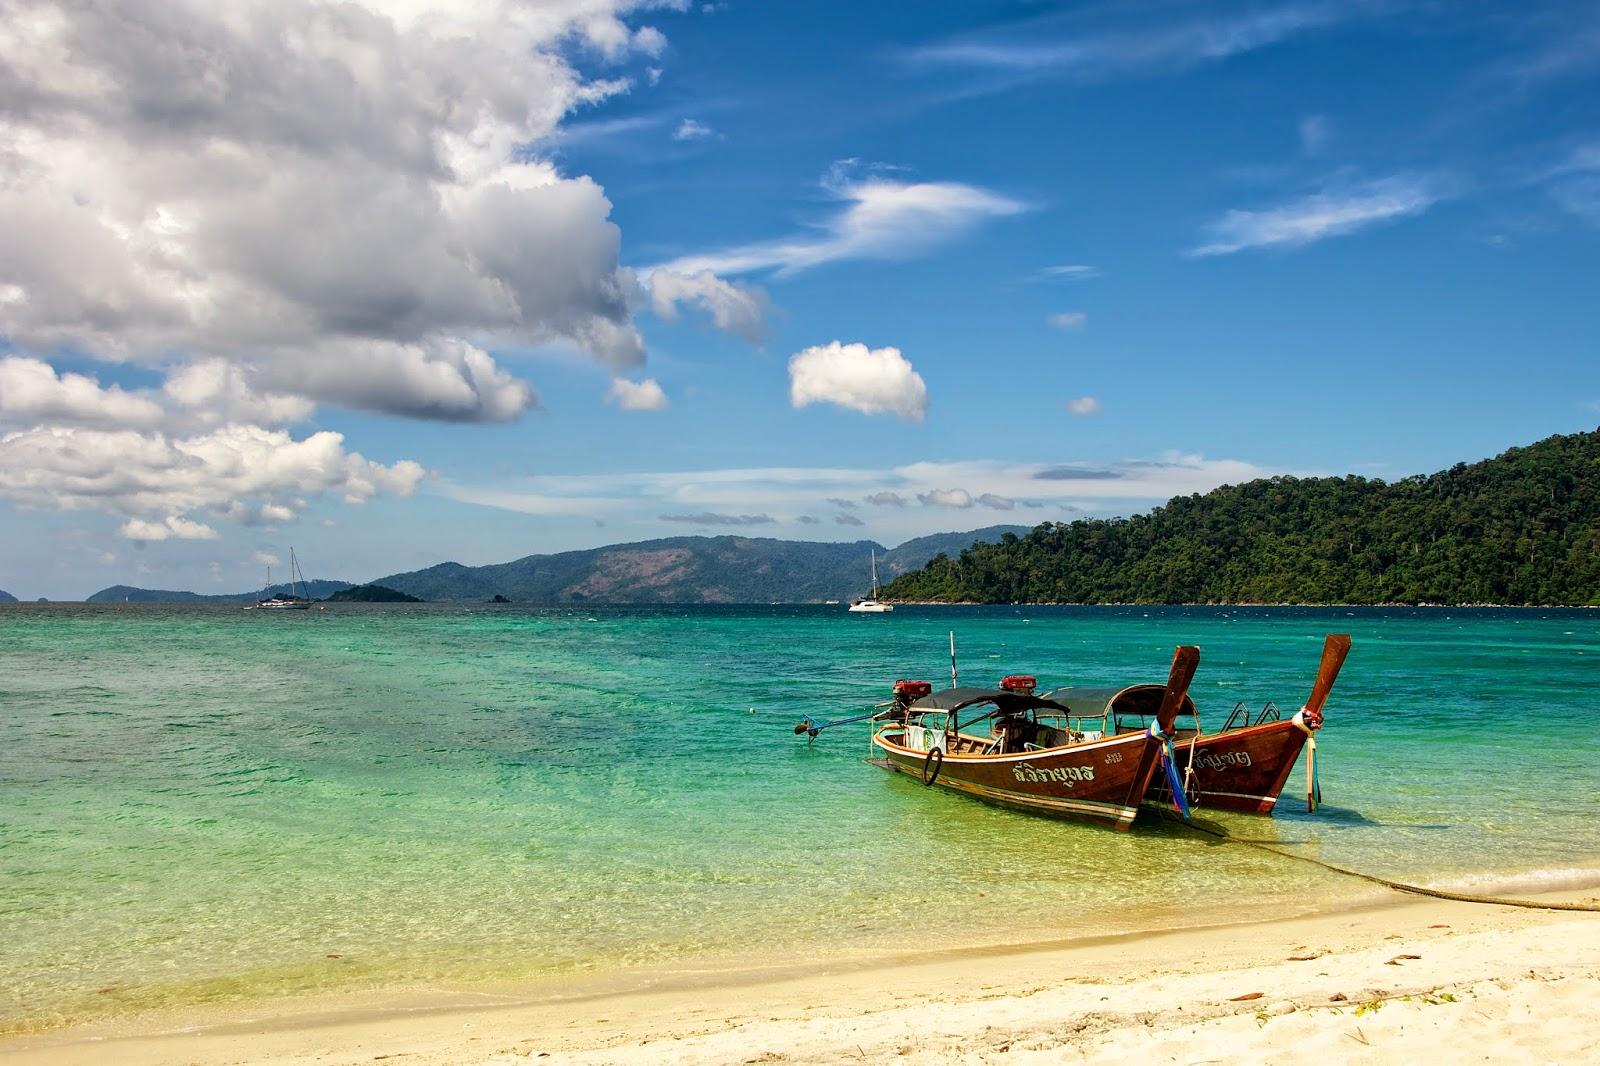 La isla de Koh Lipe y las Koh Tarutao